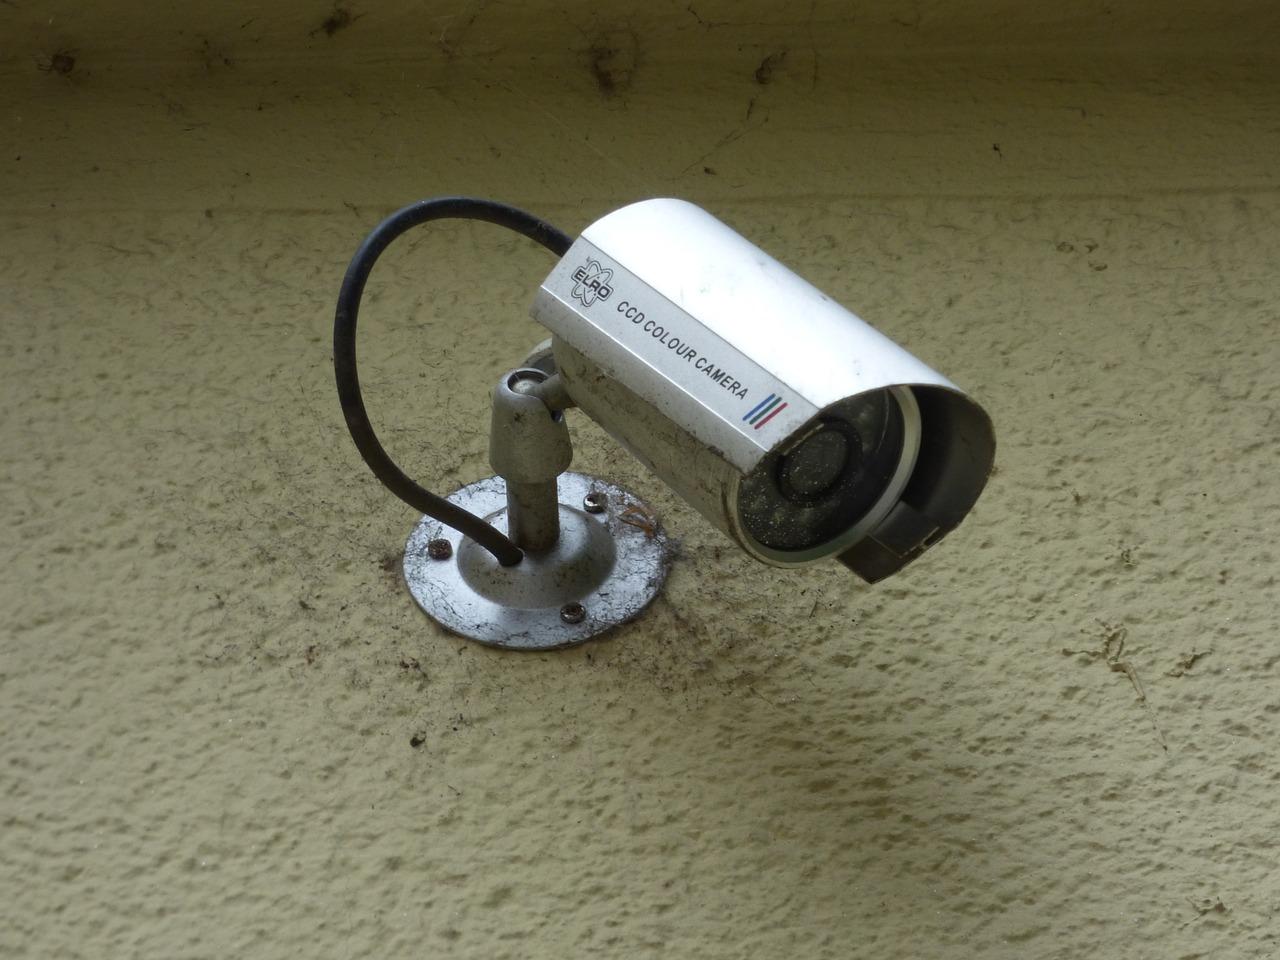 Système d'alarme et télésurveillance : un bon moyen d'économiser en assurance